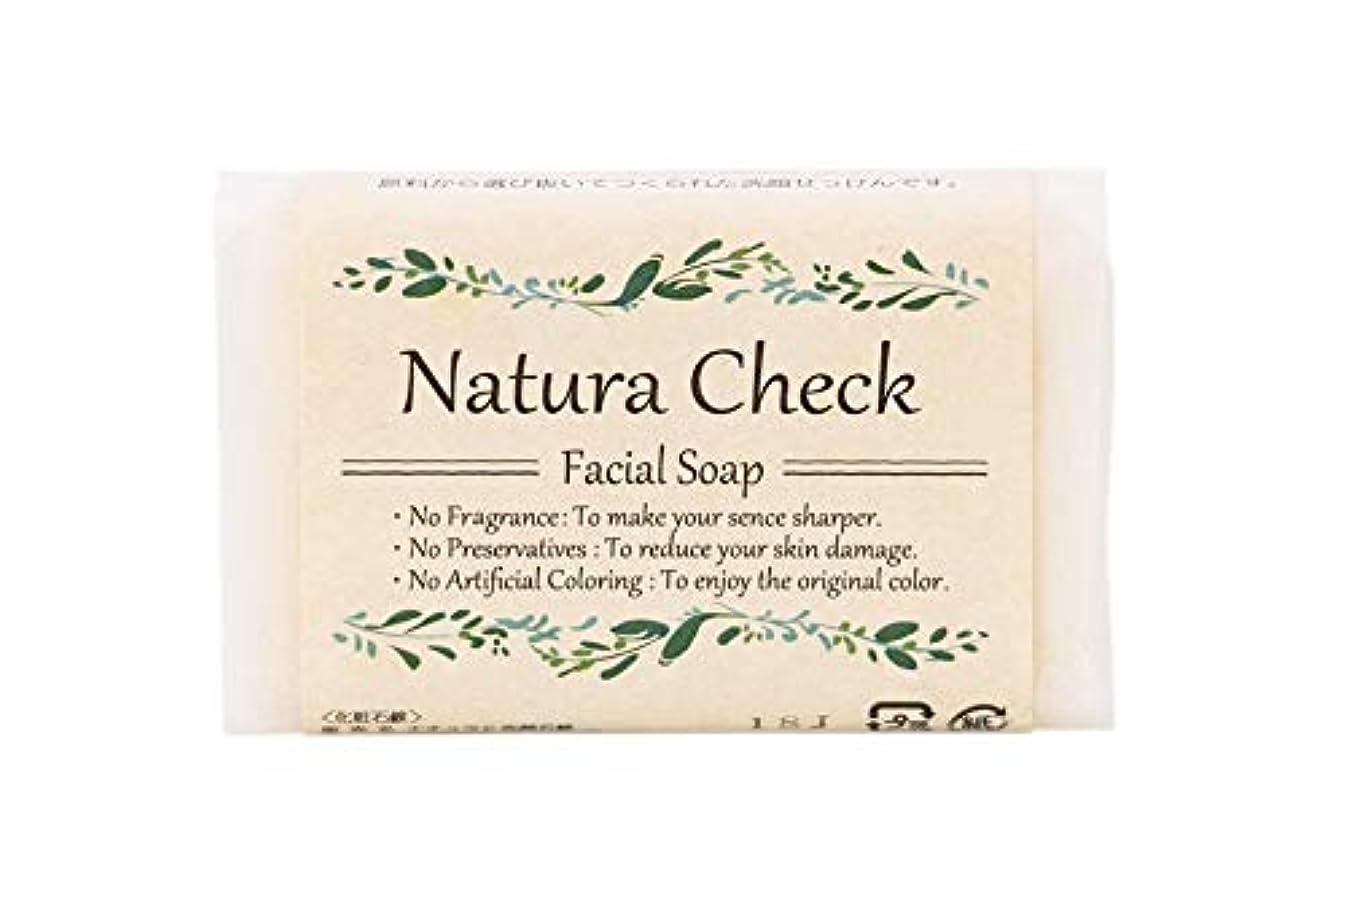 散歩に行く自治プレゼンターNatura Check(ナチュラチェック) 無添加洗顔せっけん80g コールドプロセス製法